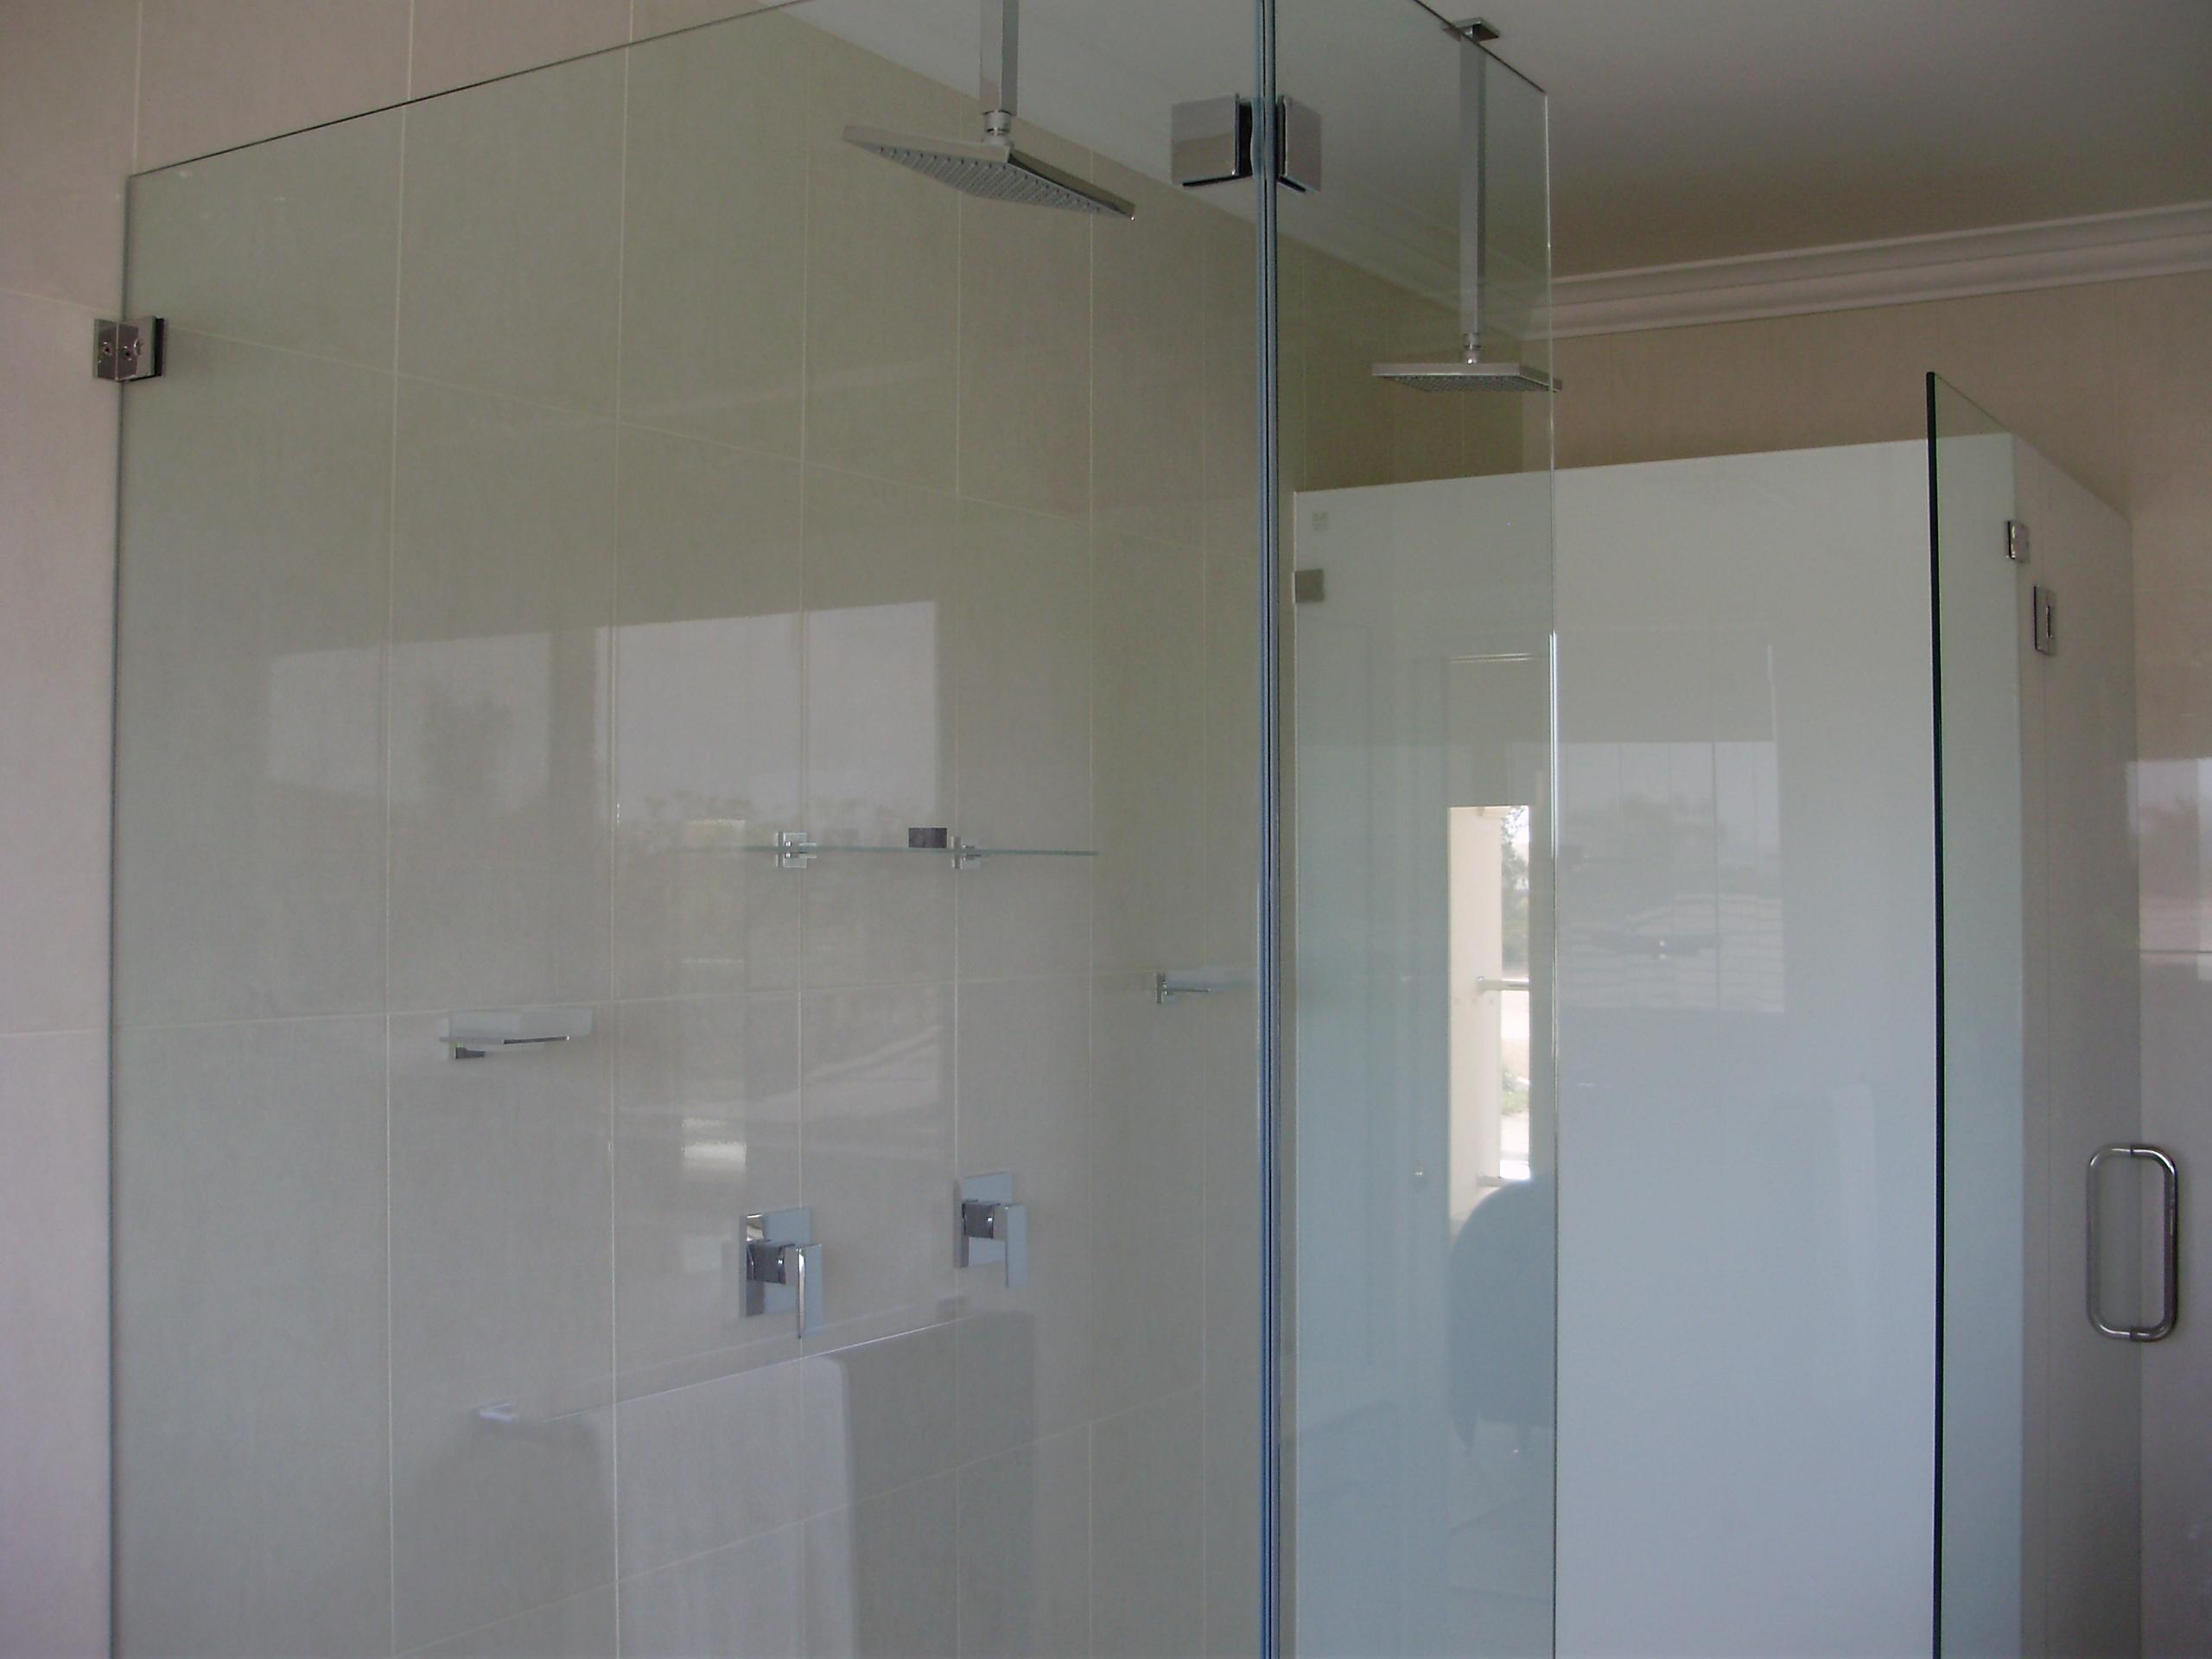 Frameless shower screens installed-